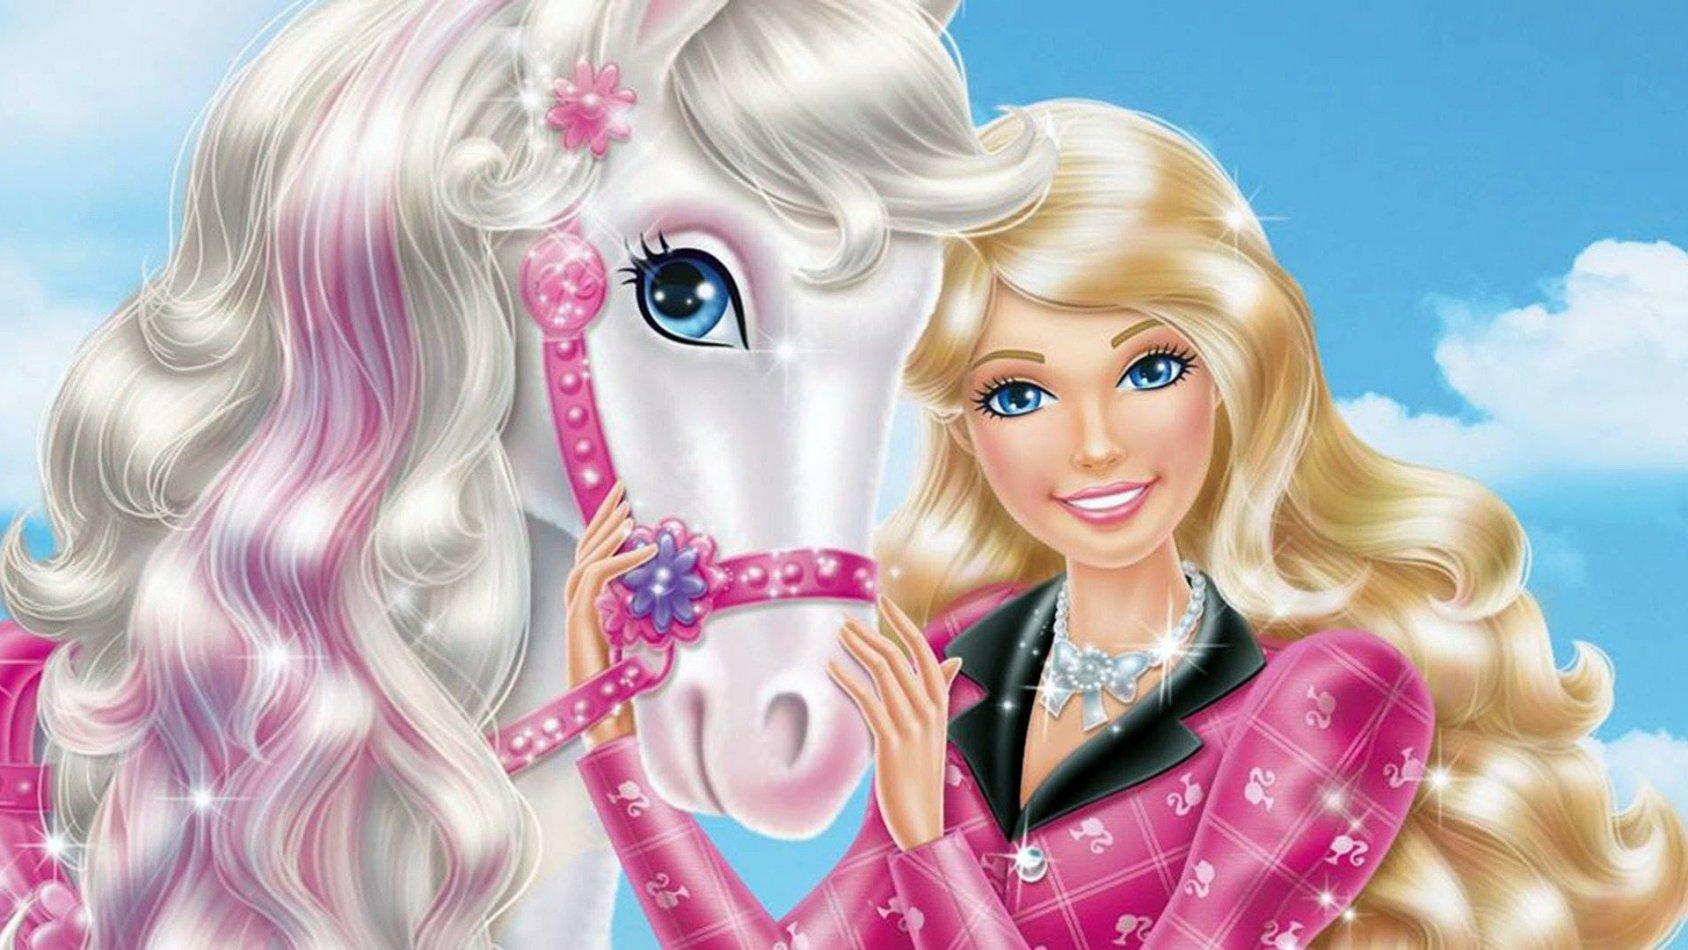 Barbie & hennes systrar i ett hästäventyr